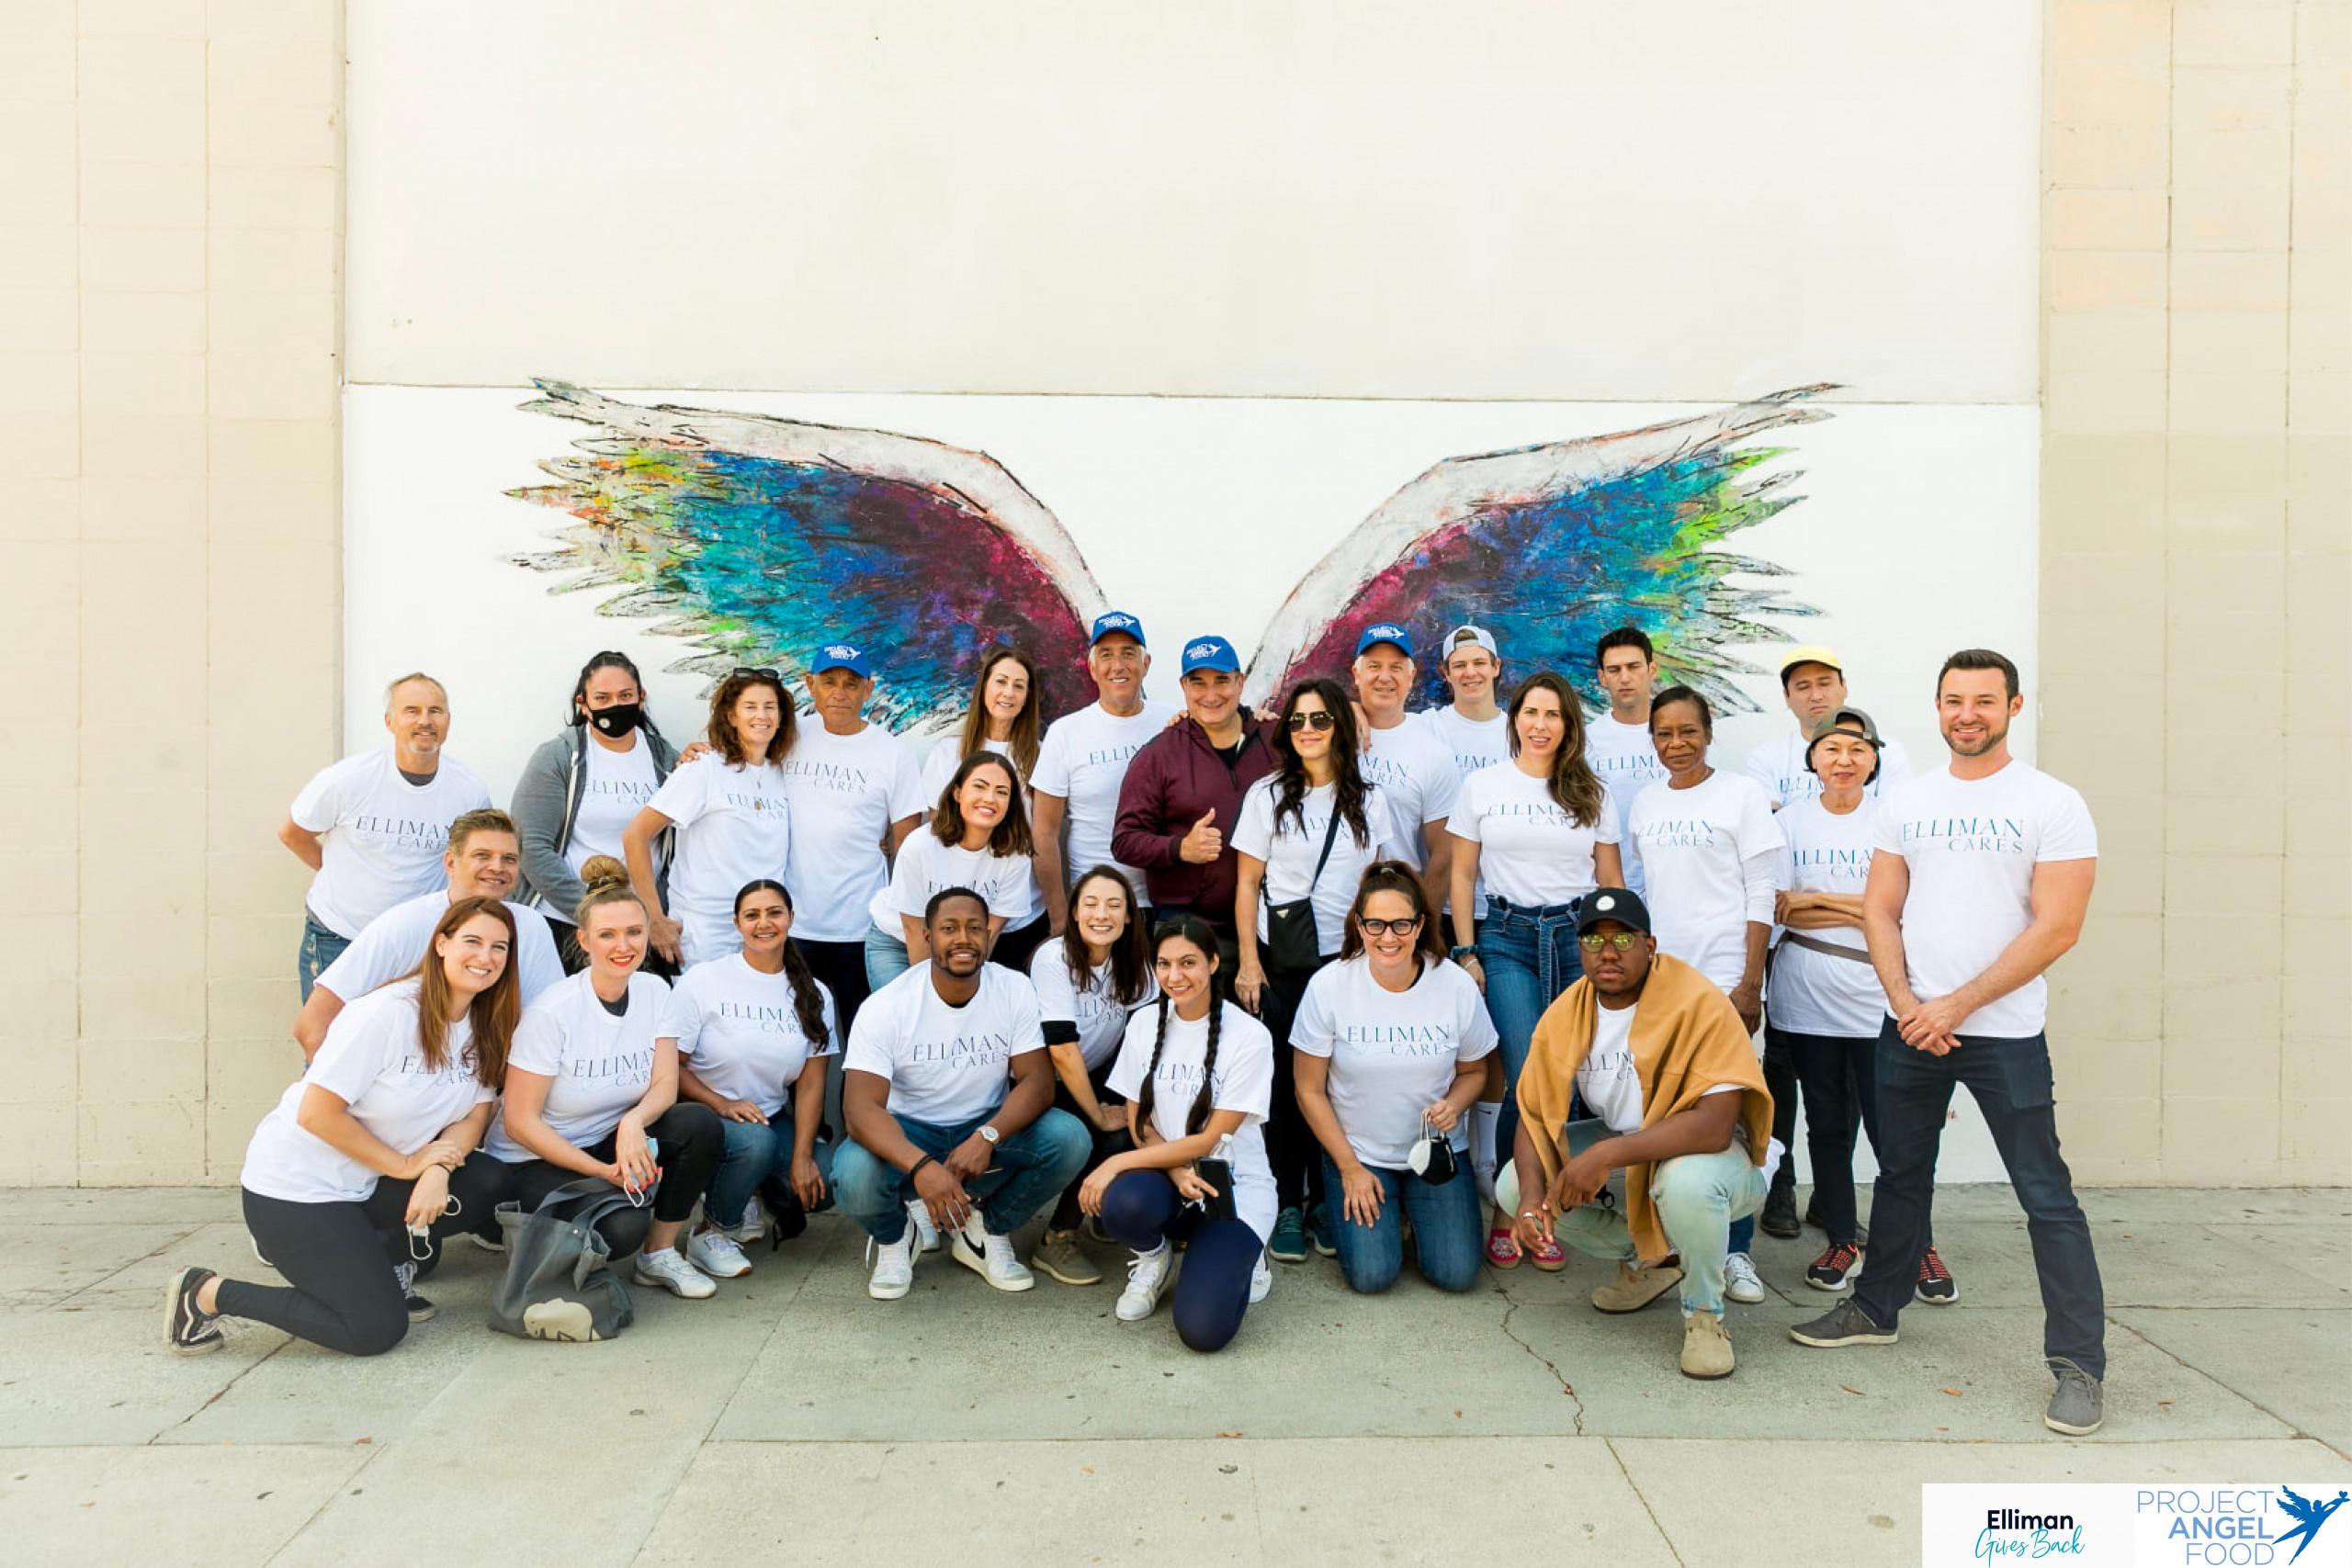 Douglas Elliman Gives Back – Project Angel Food 2021